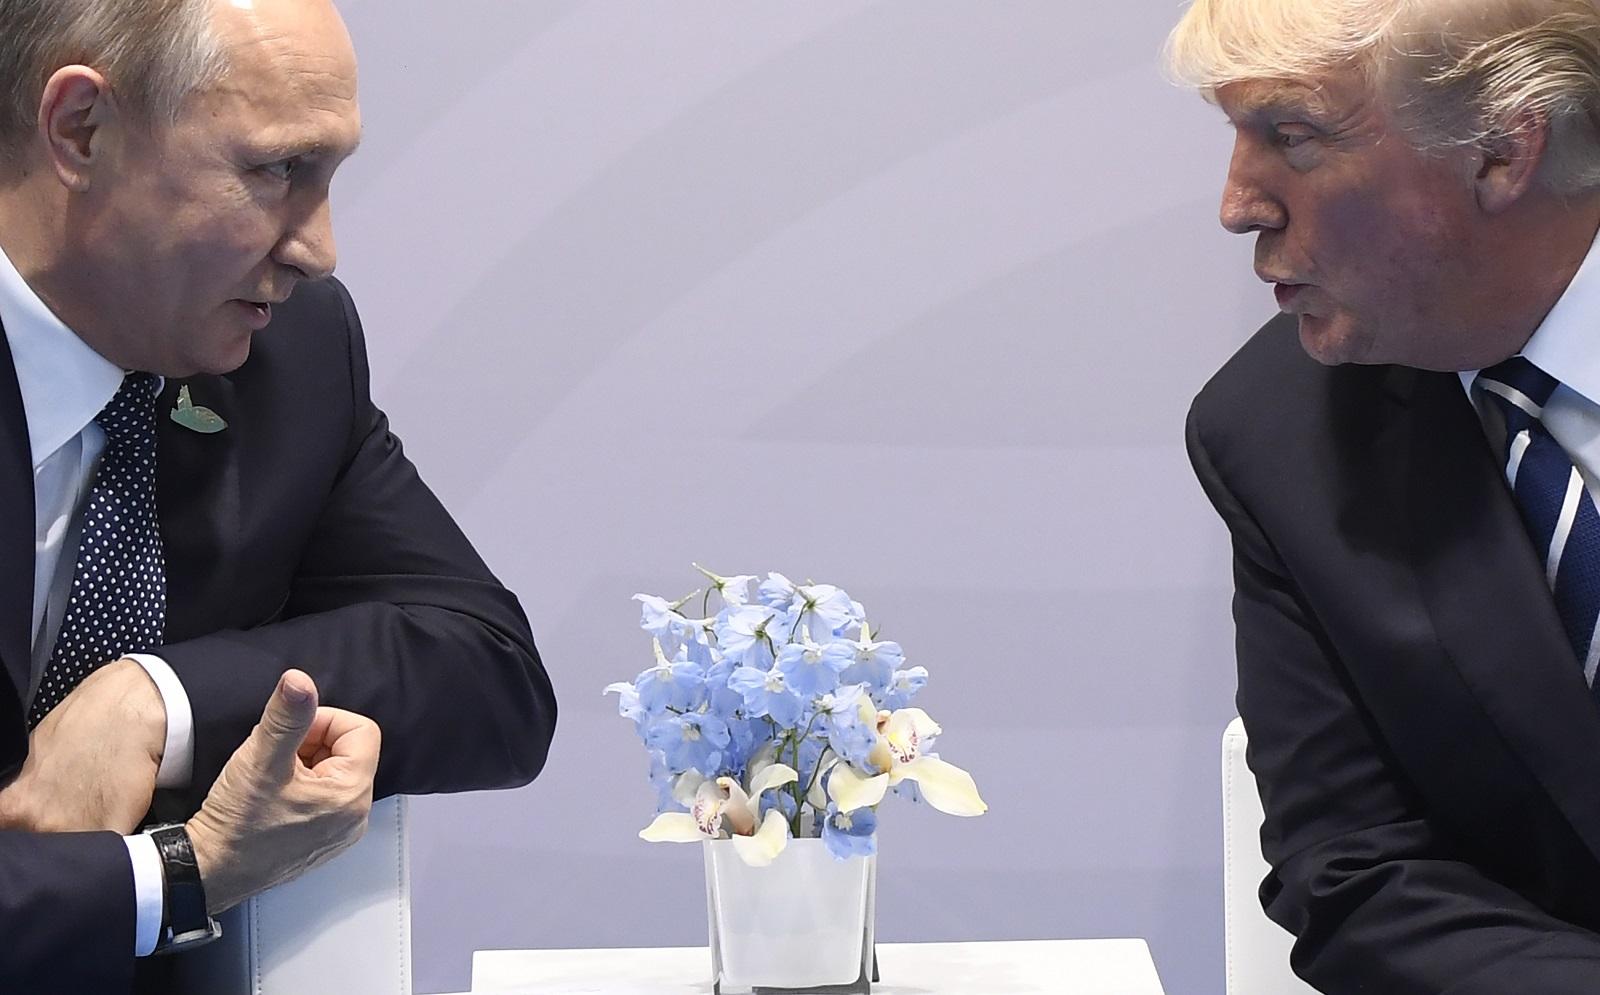 Az FBI már korábban vizsgálhatta, hogy Trump tényleg az oroszoknak dolgozik-e